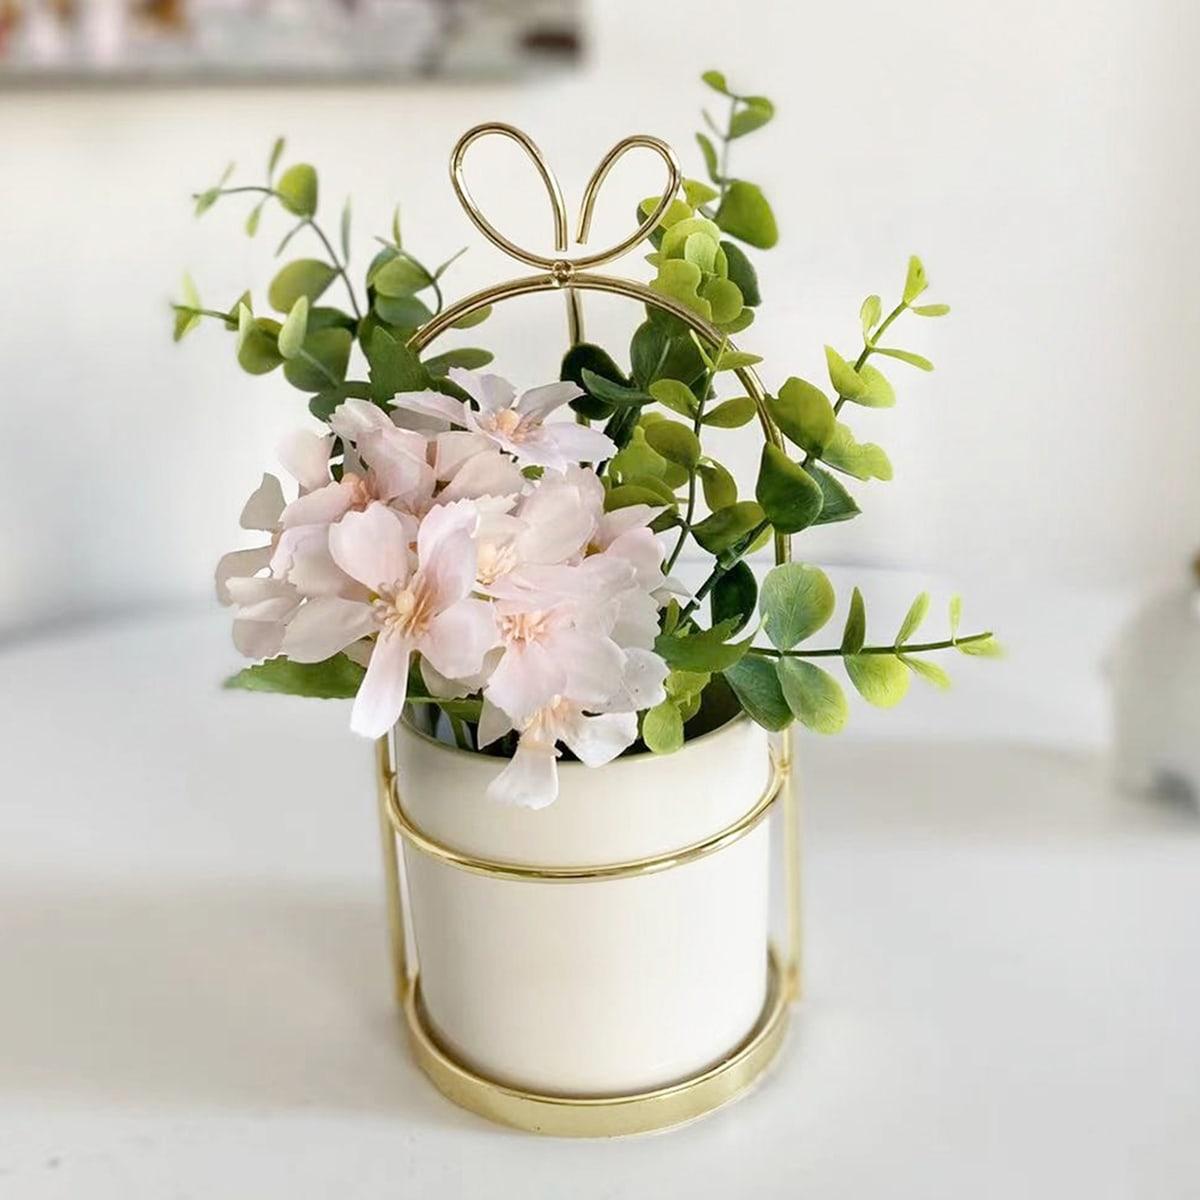 1 Strauß Künstliche Blume ohne Vase